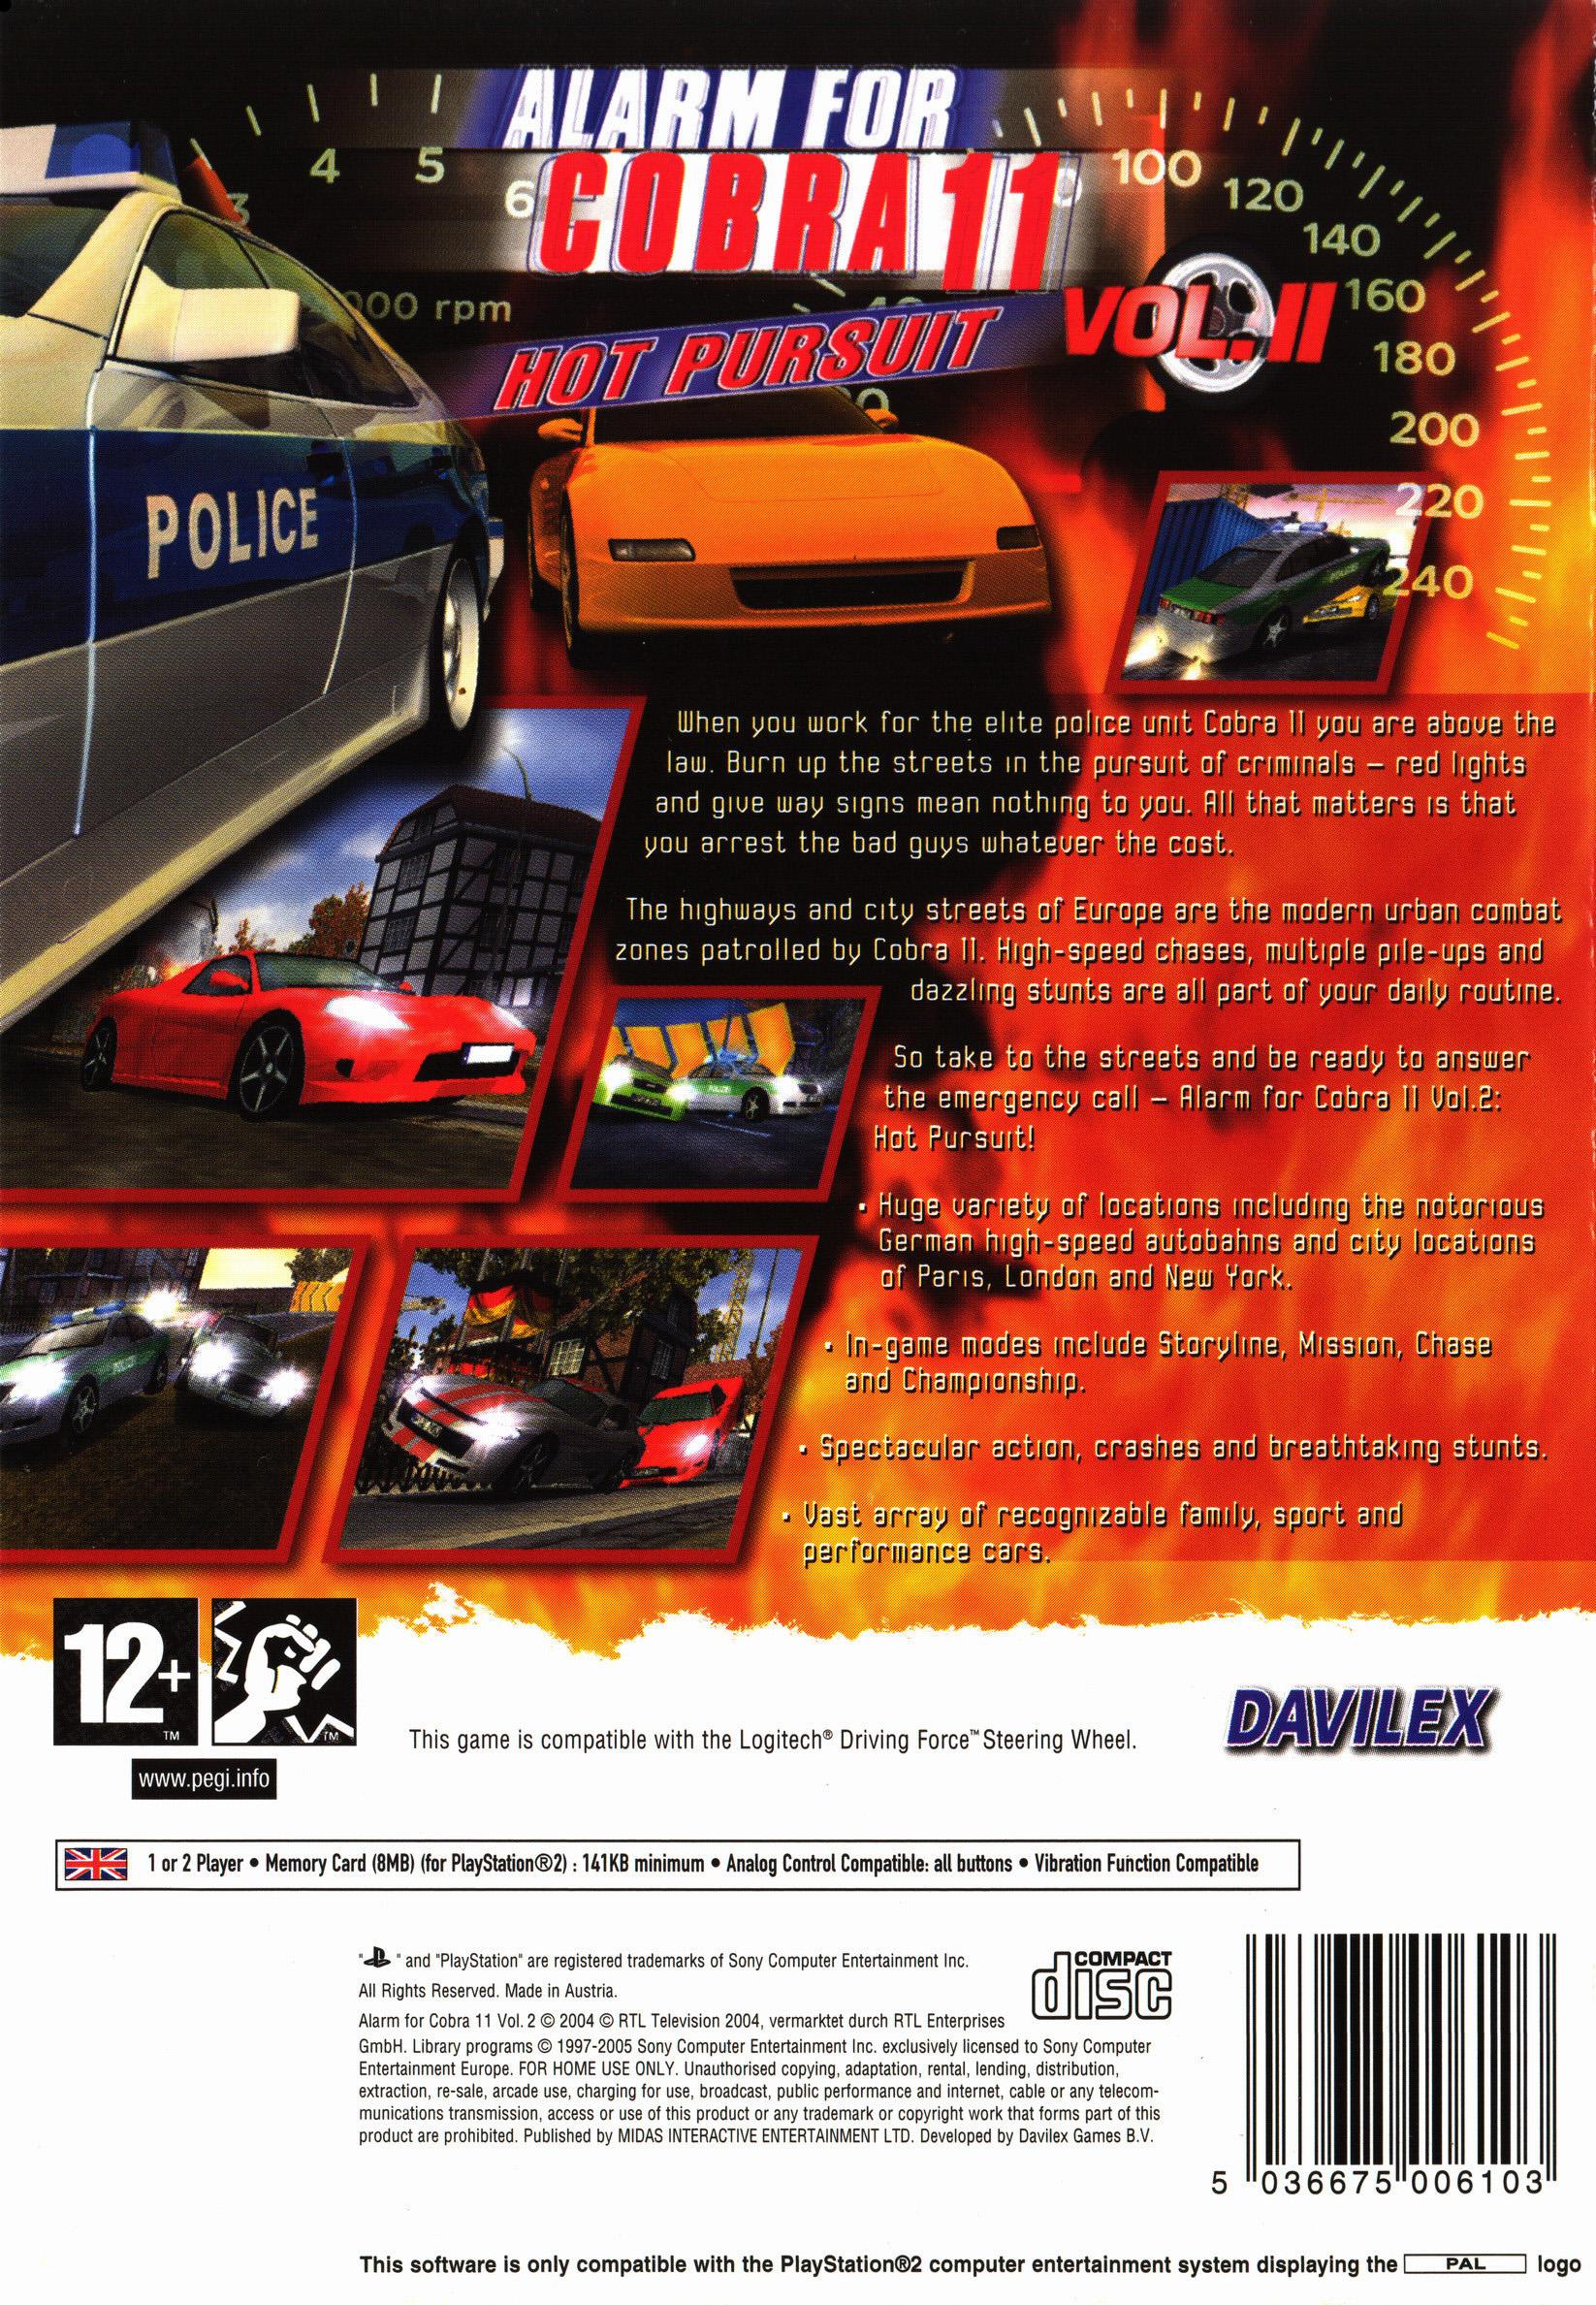 Alarm for Cobra 11 Vol 2 Hot Pursuit Details LaunchBox